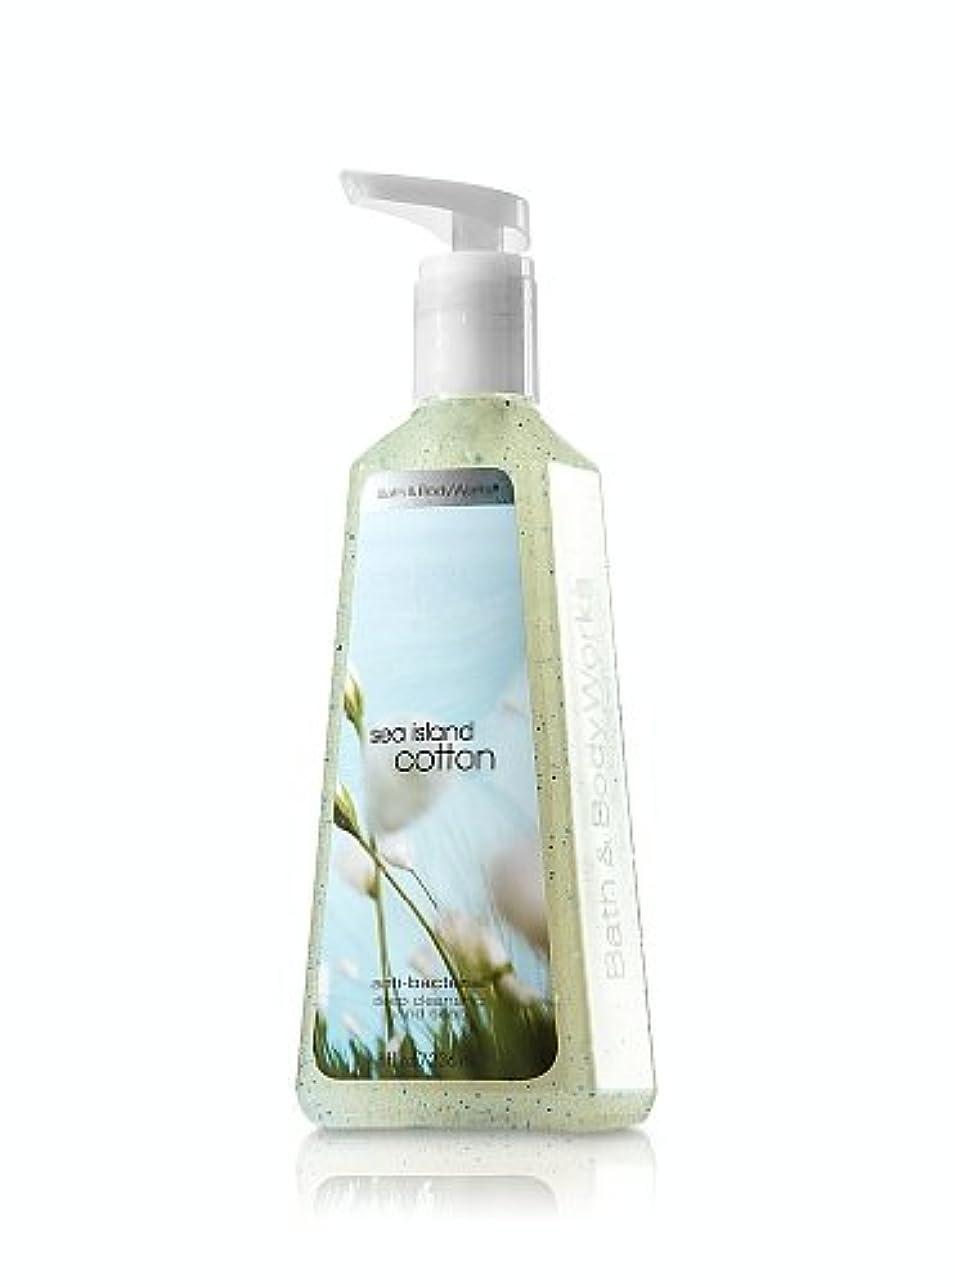 不倫クスクス模索バス&ボディワークス シーアイランドコットン ディープクレンジングハンドソープ Sea Island Cotton Deep Cleansing Hand Soap [並行輸入品]